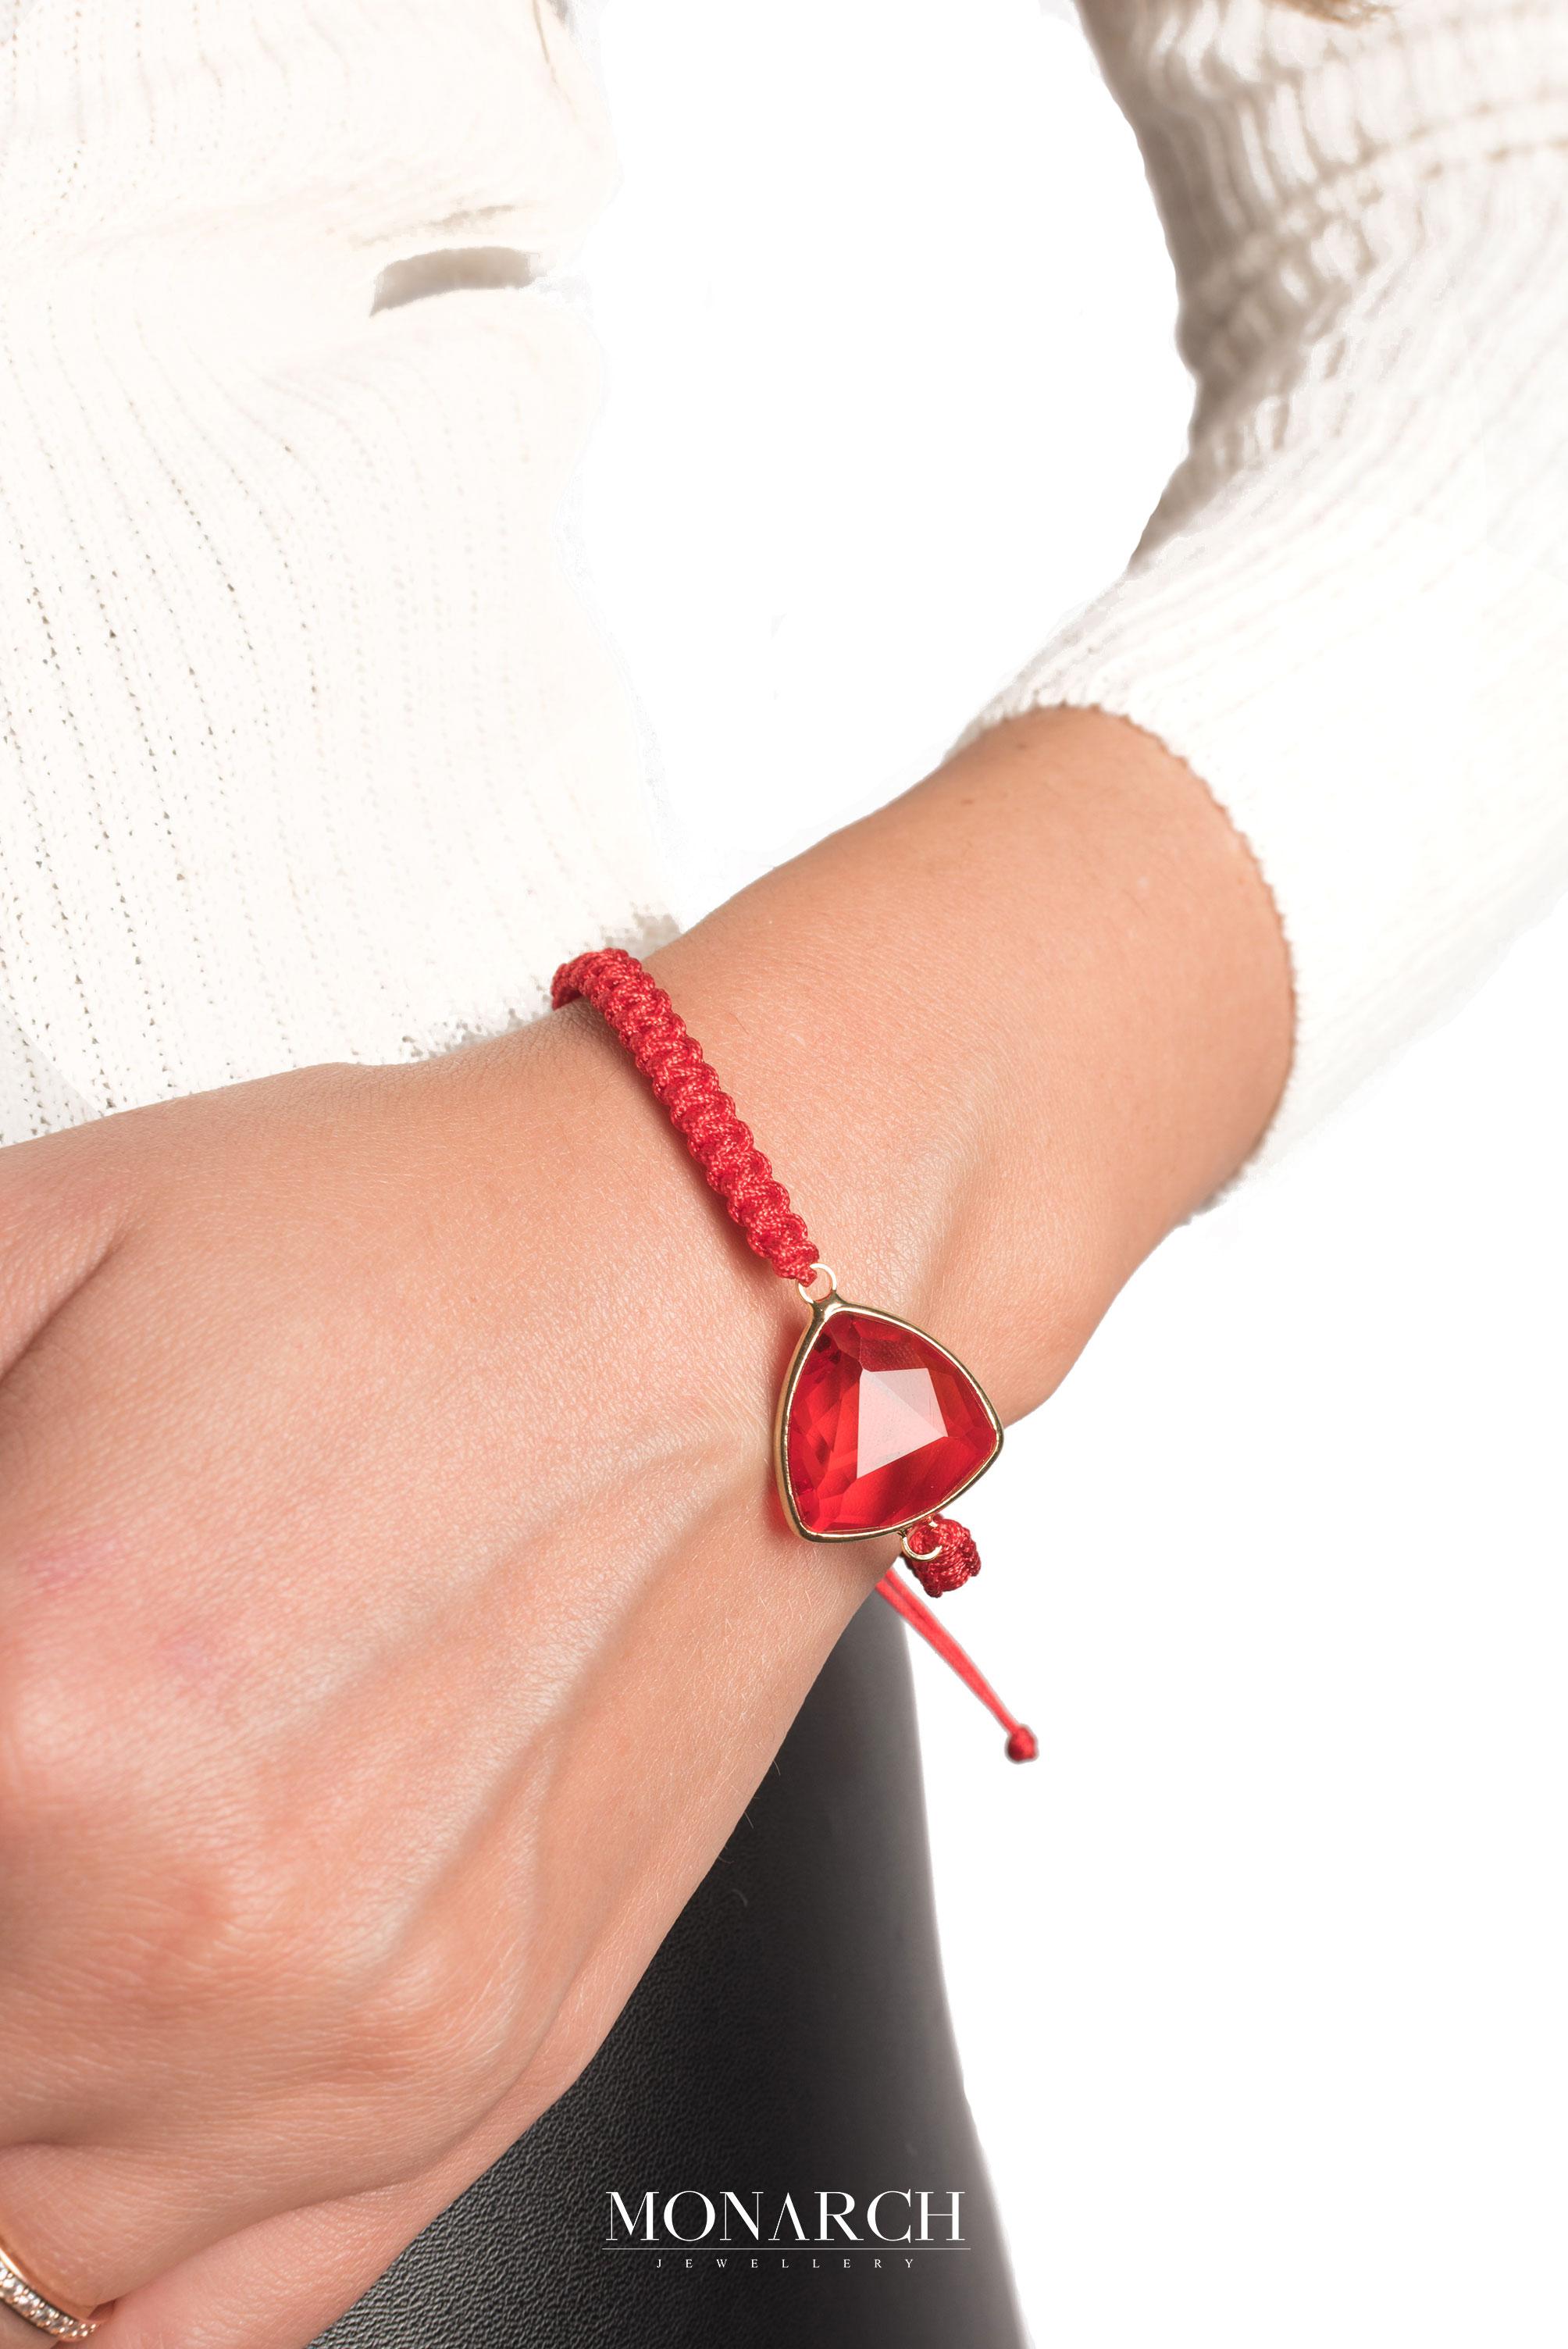 Monarch Jewellery Luxury Bracelet MA97REDSTN women